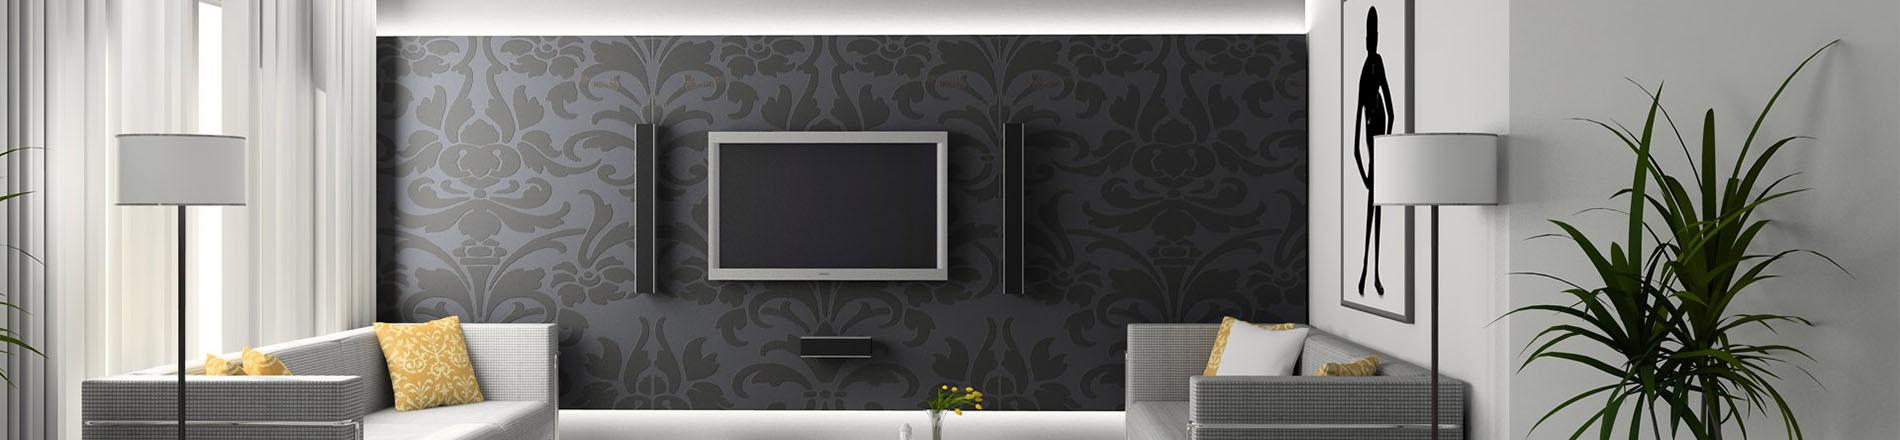 Kabel-TV